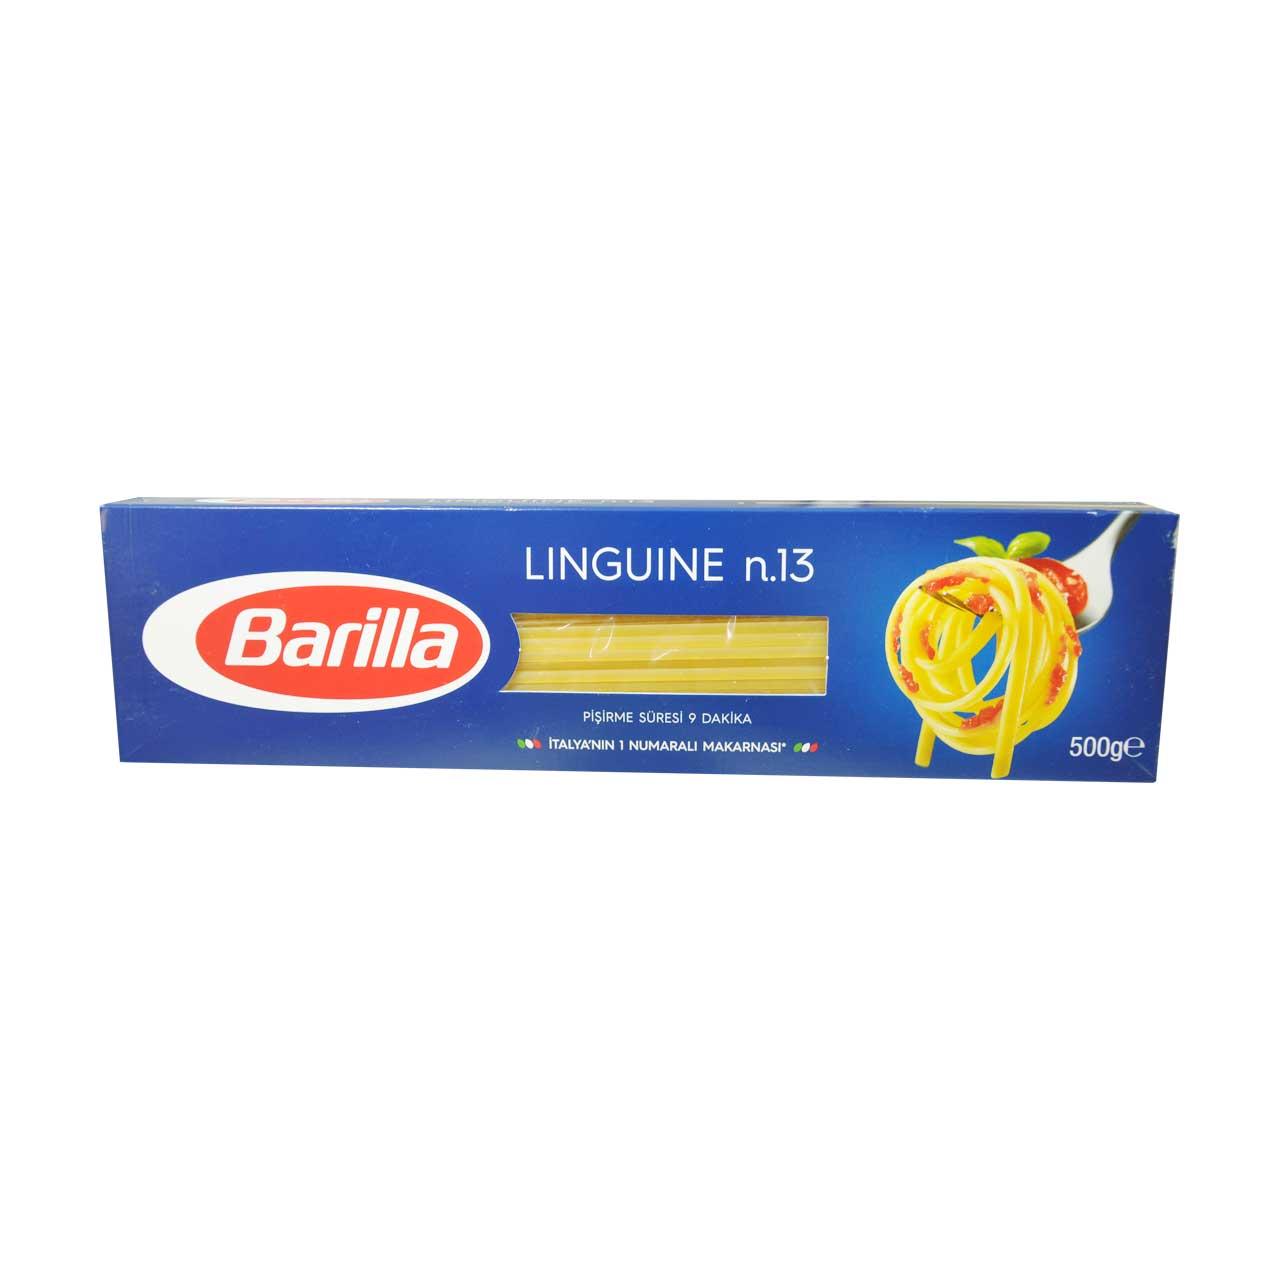 اسپاگتی باریلا شماره ۱۳ – barilla